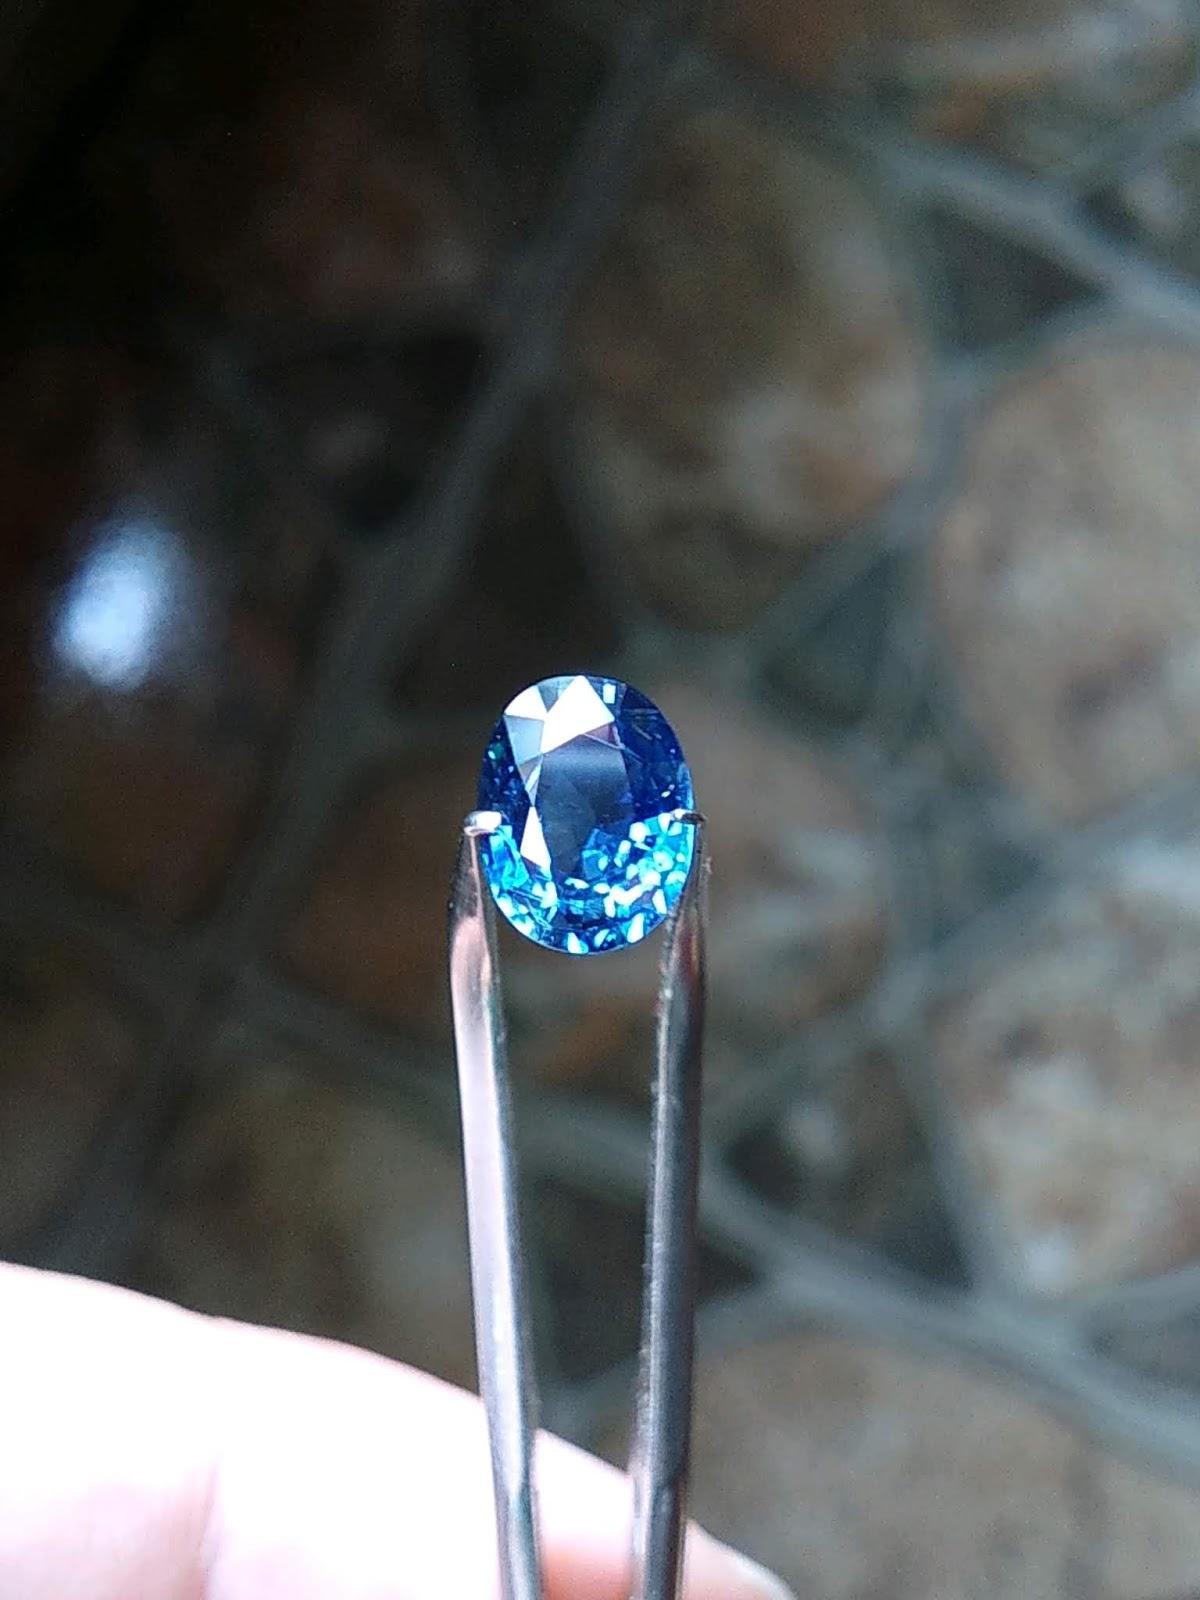 Đá Natural Sapphire Phan Thiết xanh Hero thiên nhiên không xử lý, lửa mạnh sạch tinh